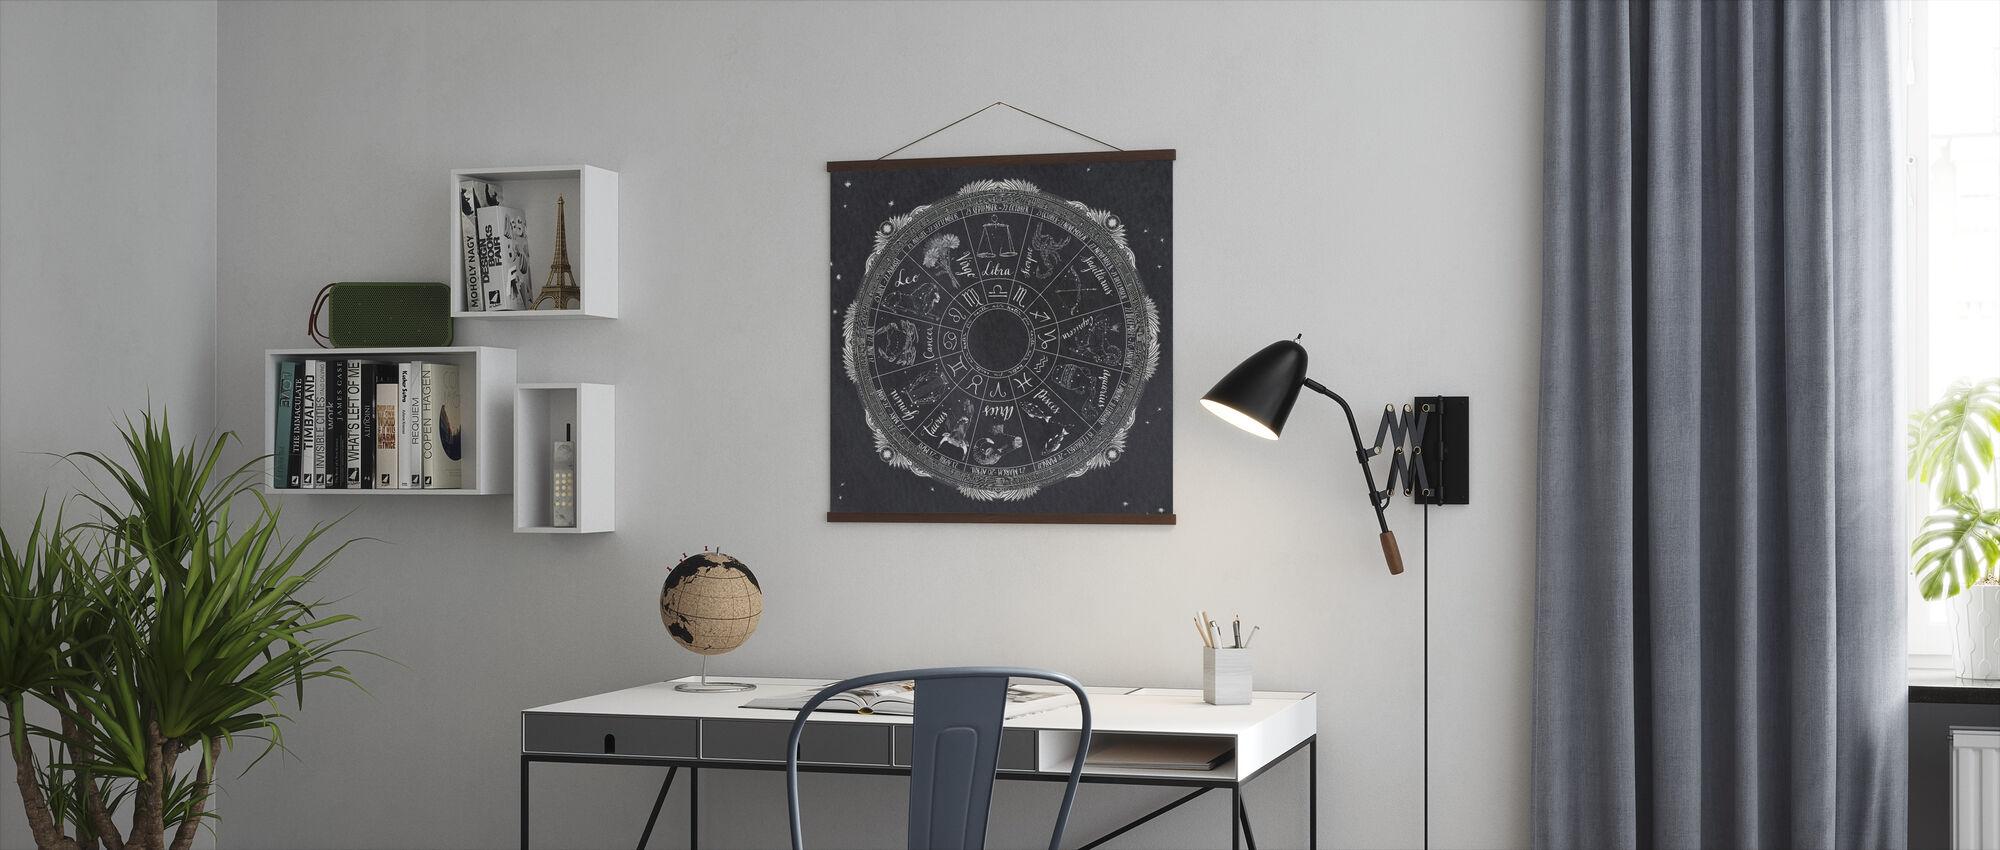 Natt himmel Zodiac - Poster - Kontor